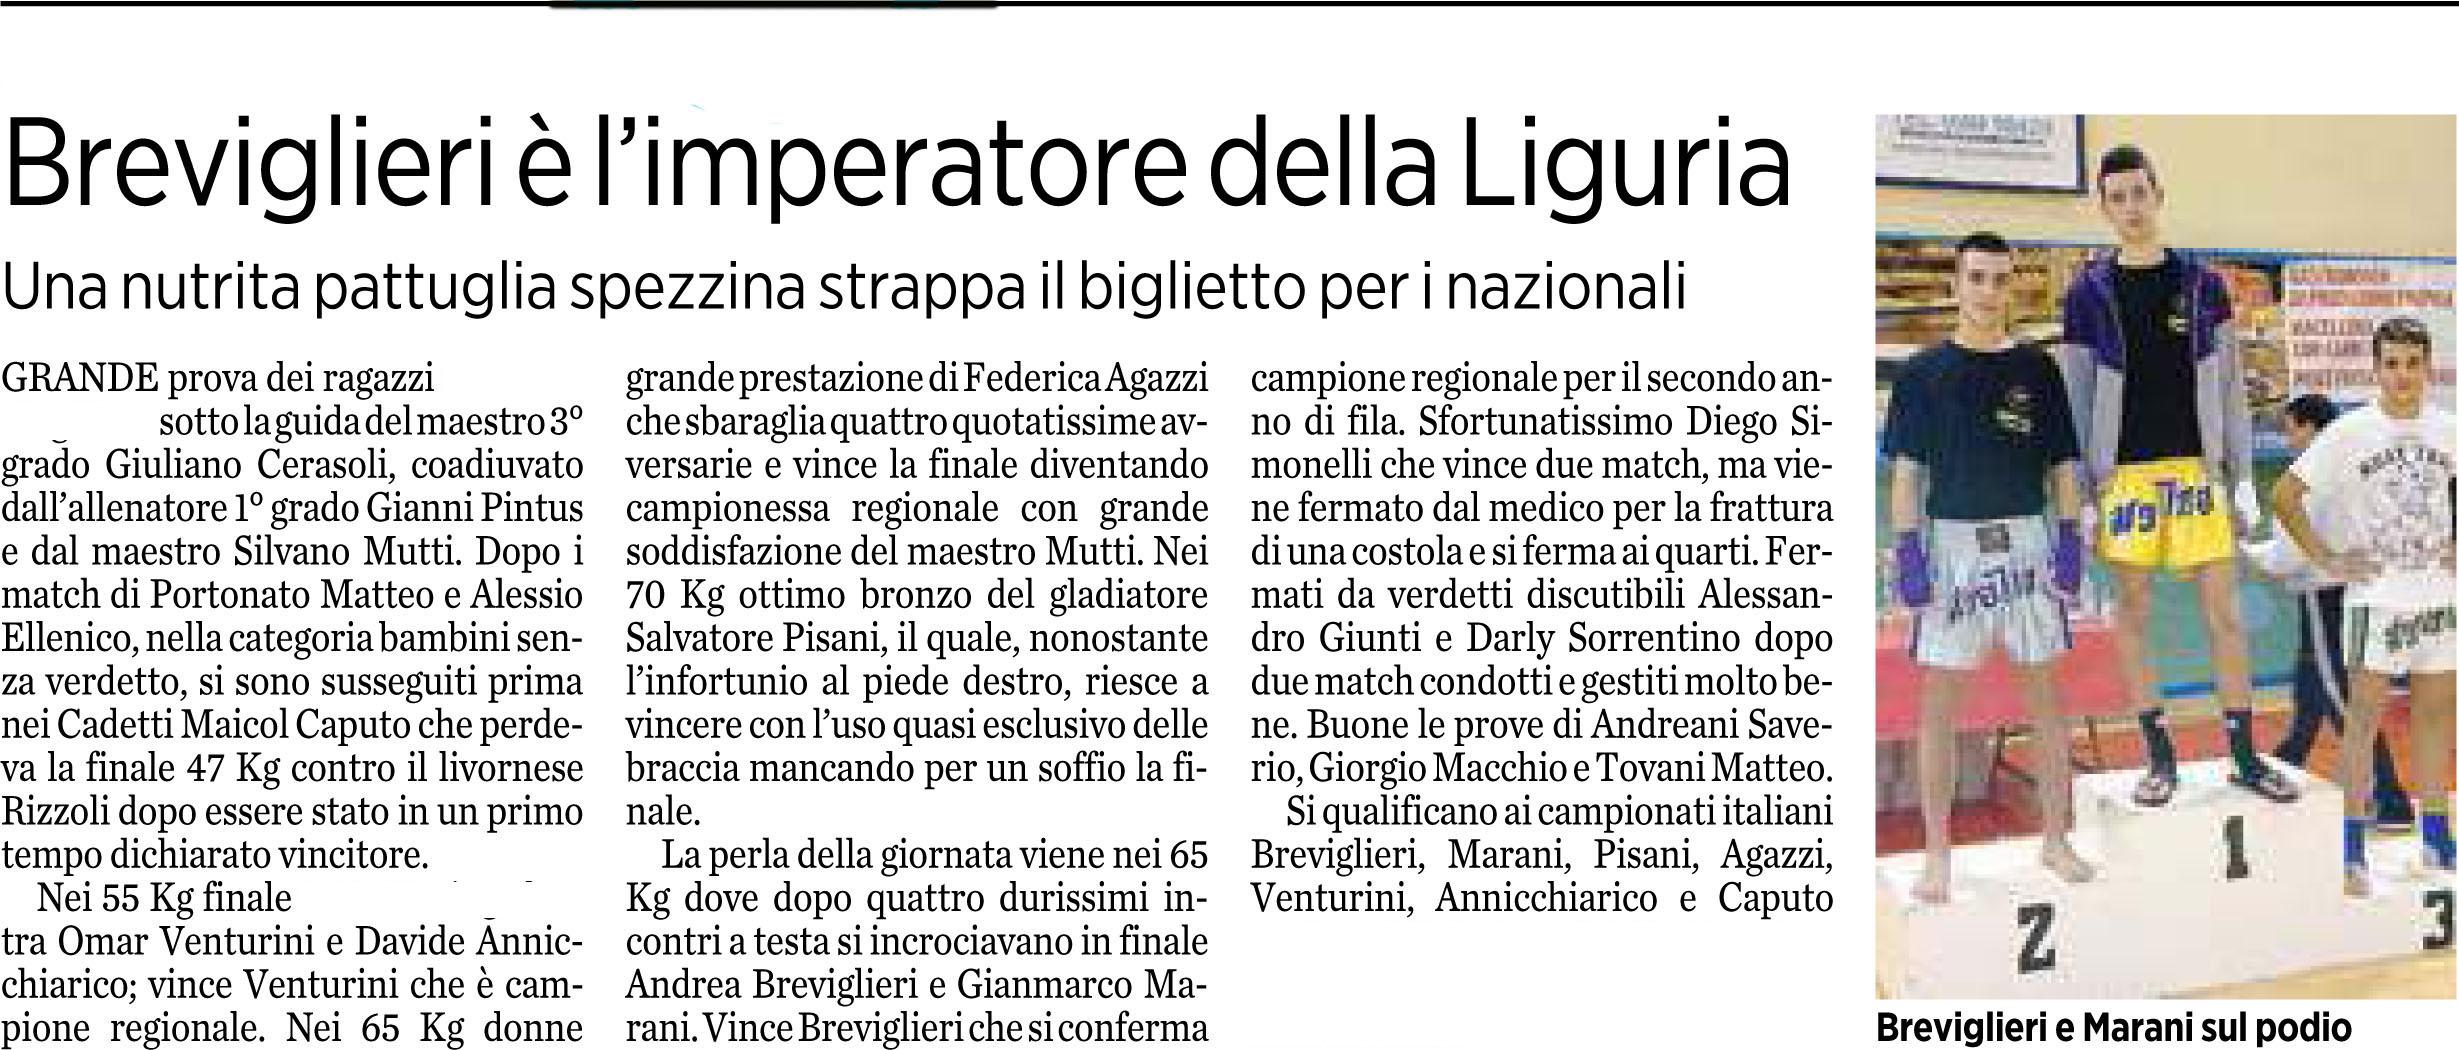 Breviglieri è l'imperatore della Liguria